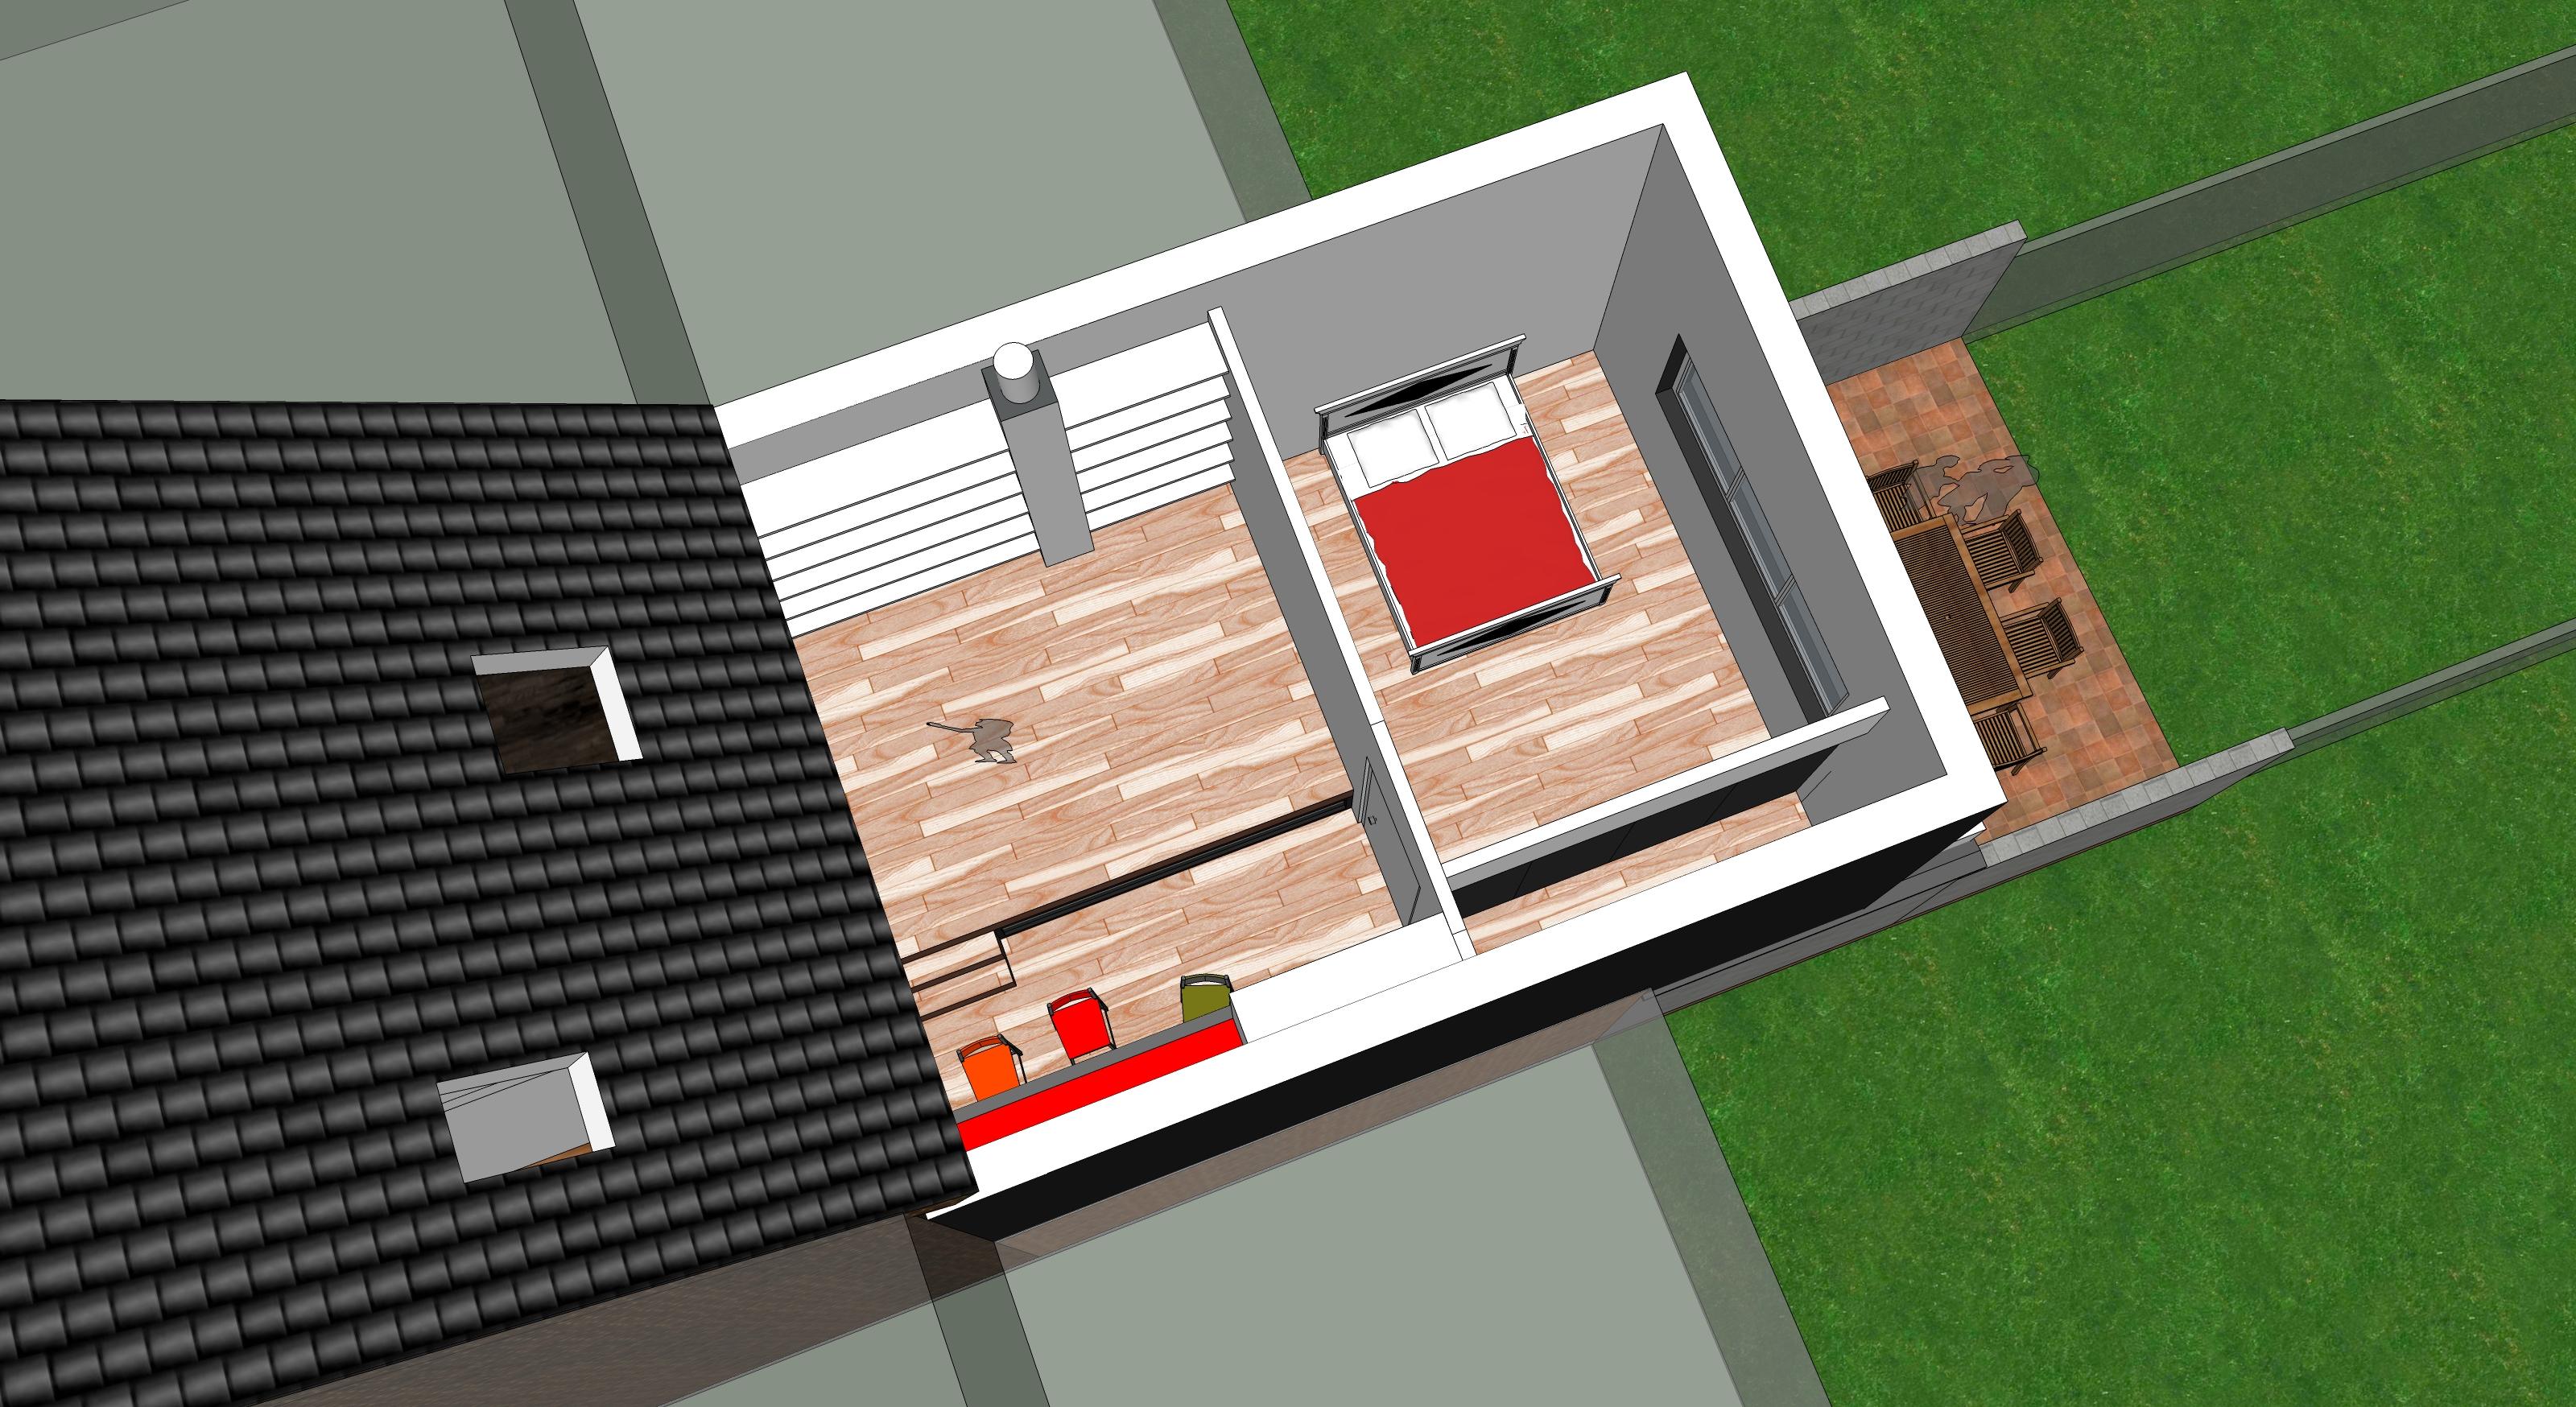 3D-MONFRONT-PROJET-V3-19-02-14-vue4